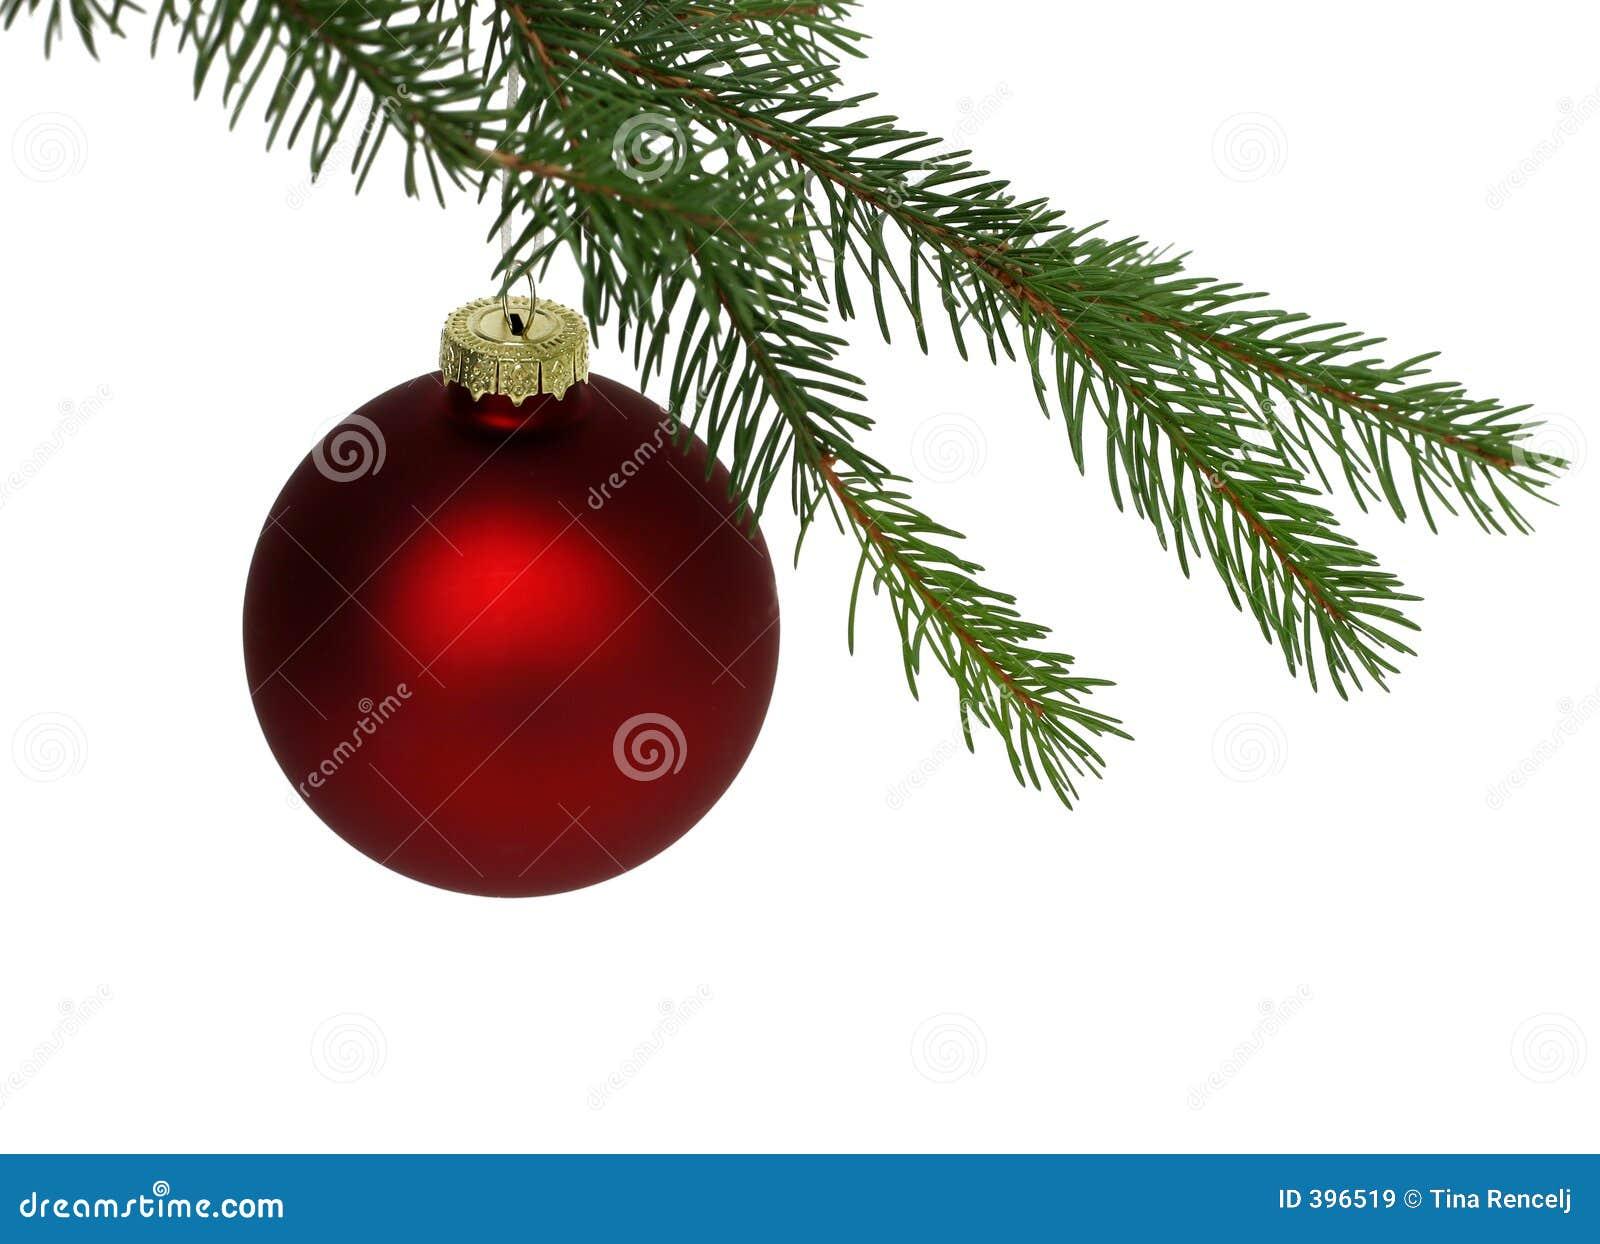 Rote weihnachtskugel stockbild bild von sonderkommando for Weihnachtskugeln bilder